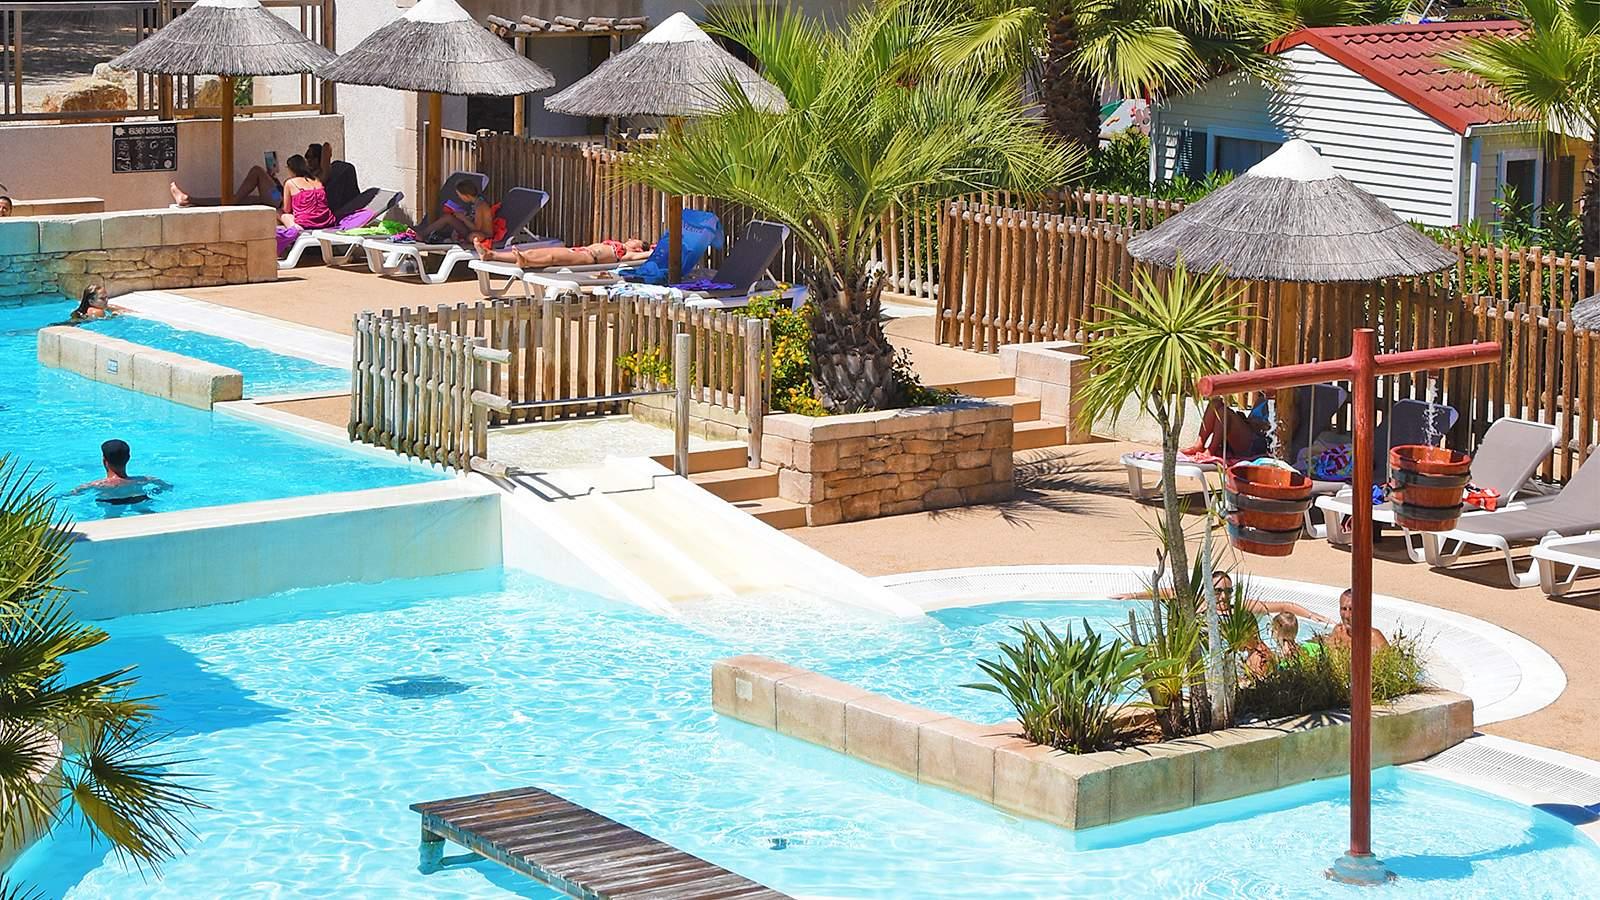 Espace aquatique camping la treille cavalaire sur mer for Camping dans le var bord de mer avec piscine